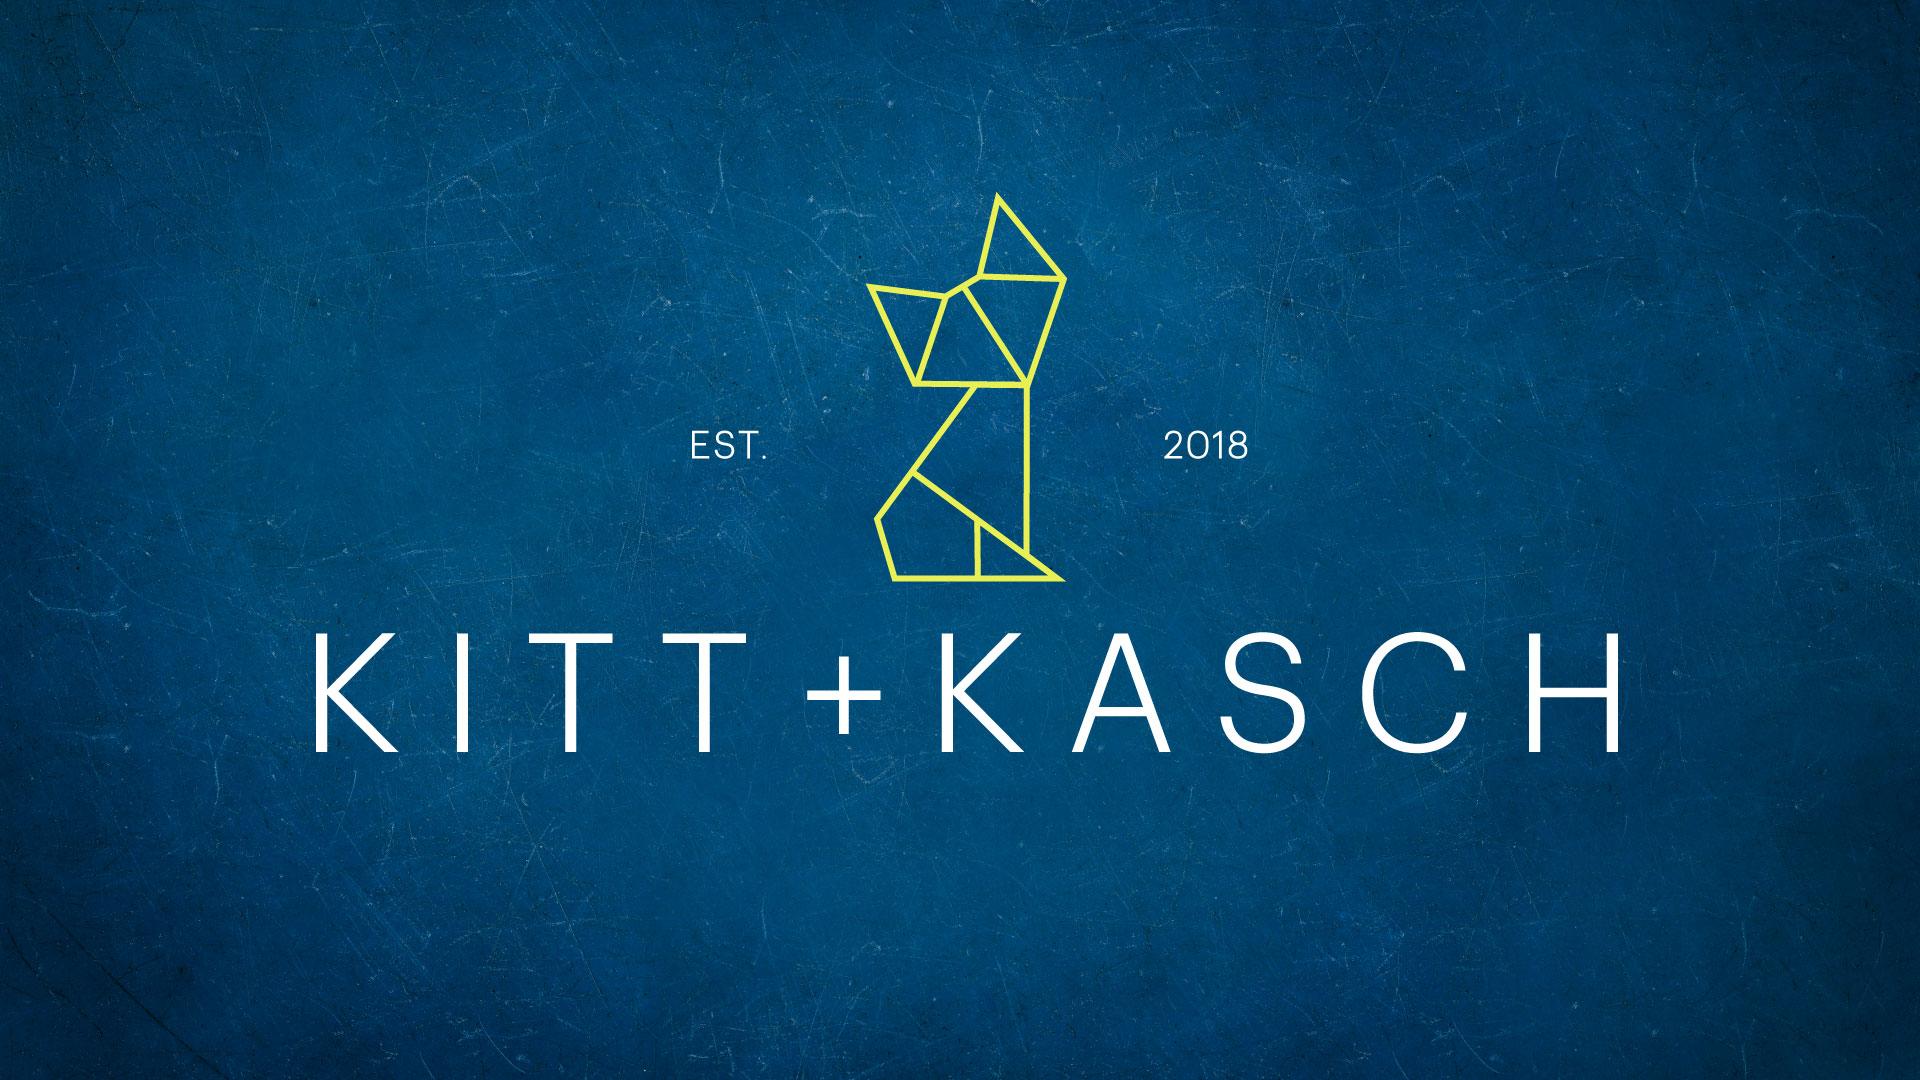 kitt-kasch-fb-cover.jpg